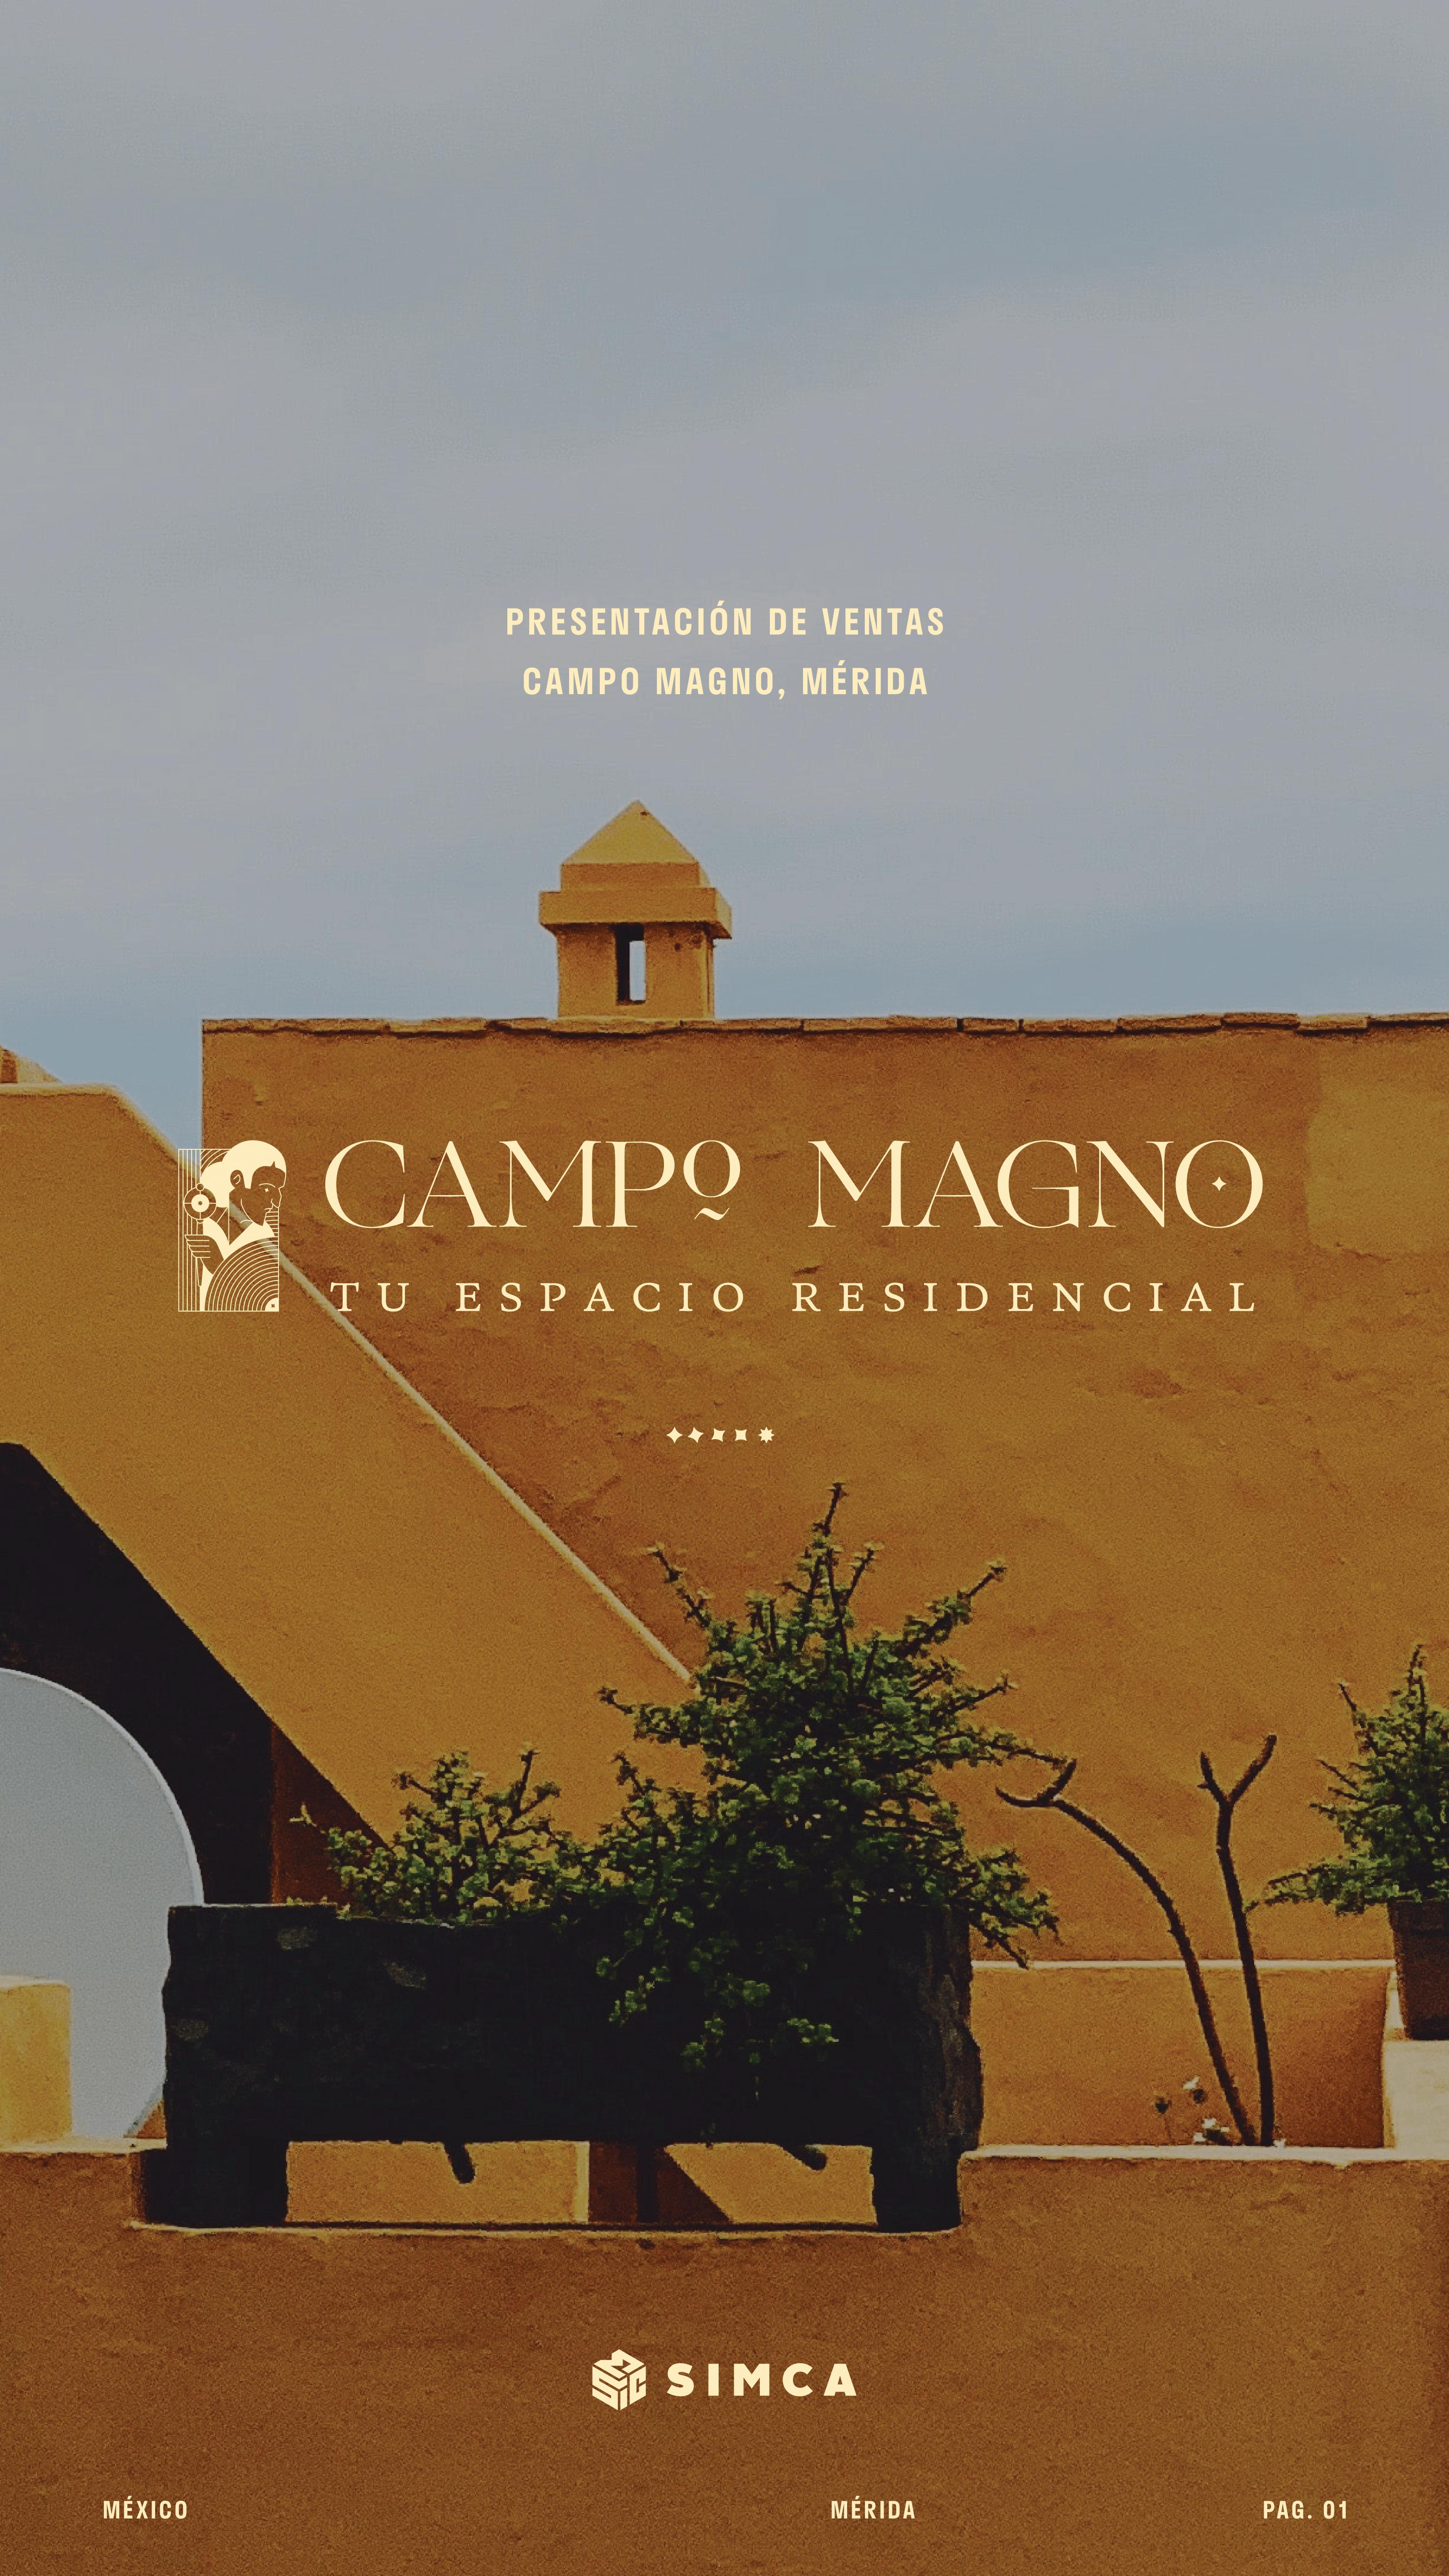 CAMPO MAGNO (Carretera Mérida-Progreso).